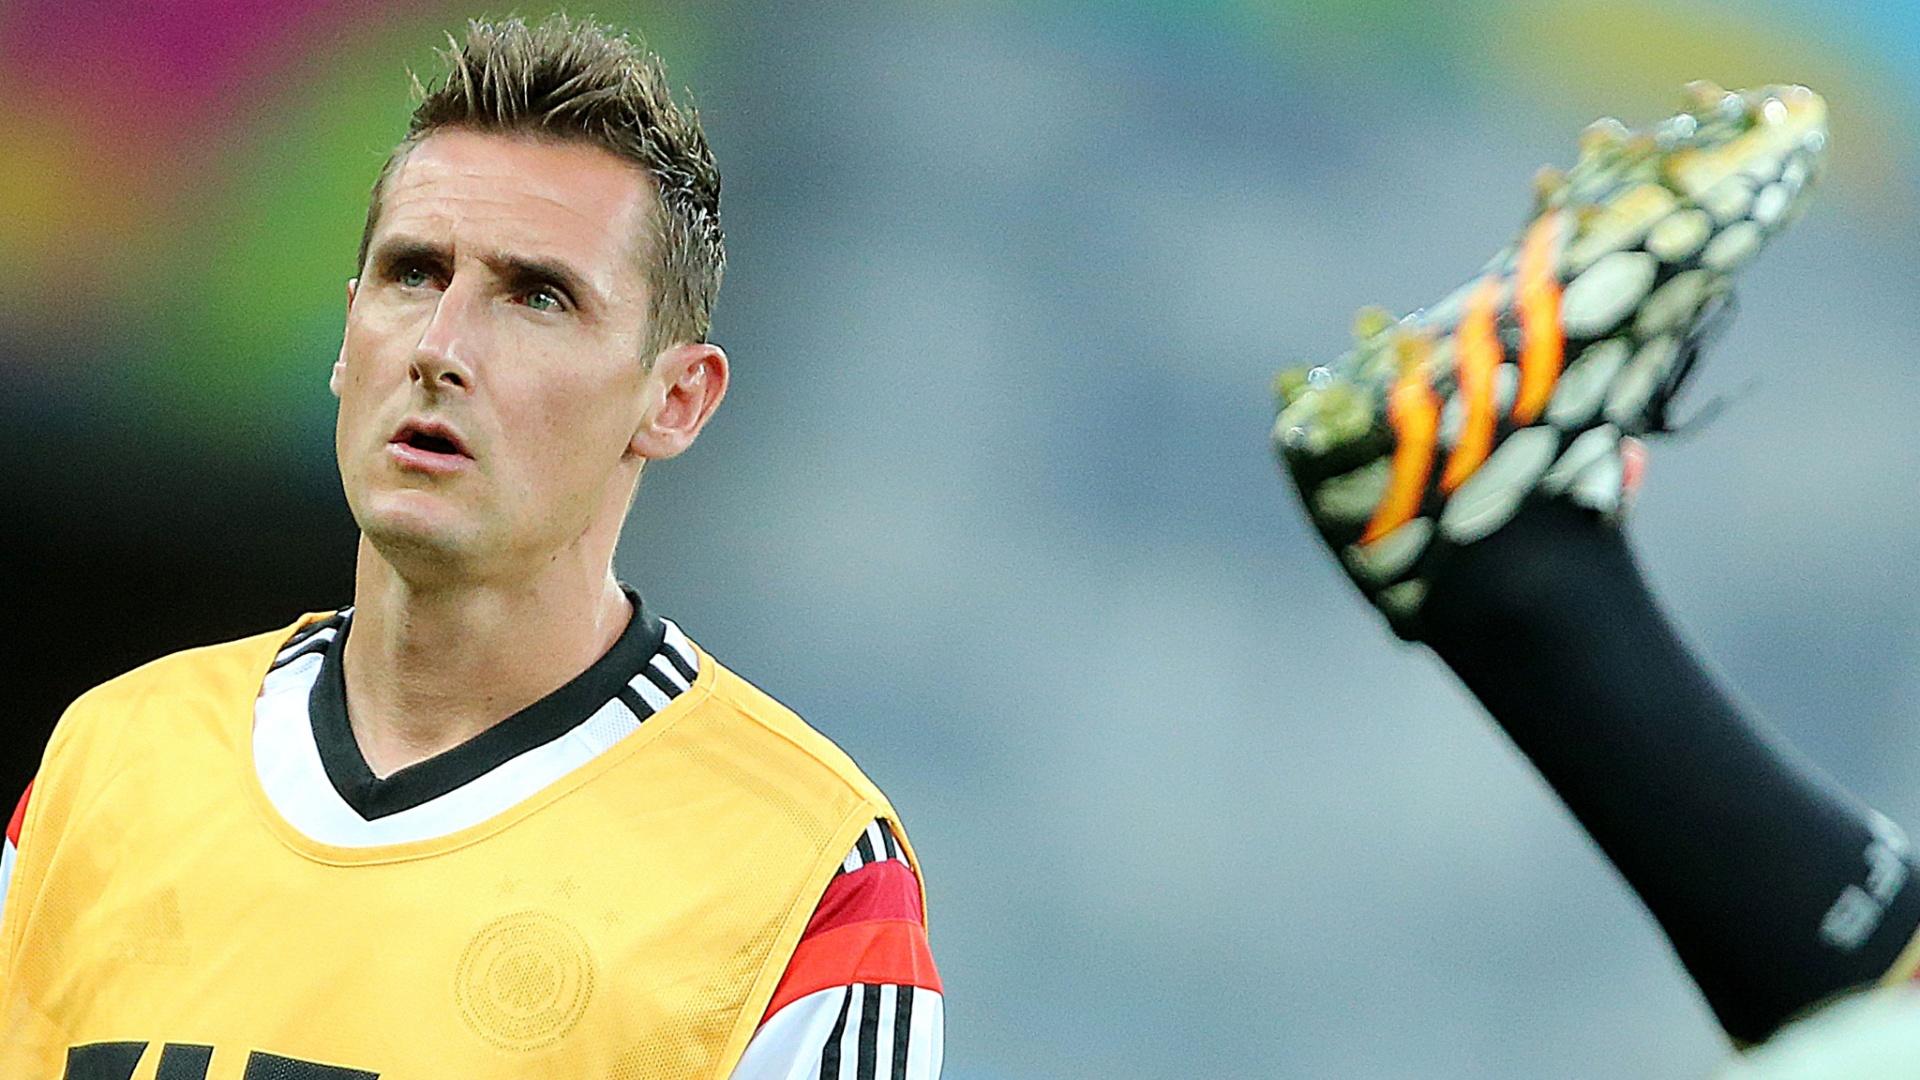 Miroslav Klose particida de reconhecimento do gramado do Mineirão pela selação da Alemanha